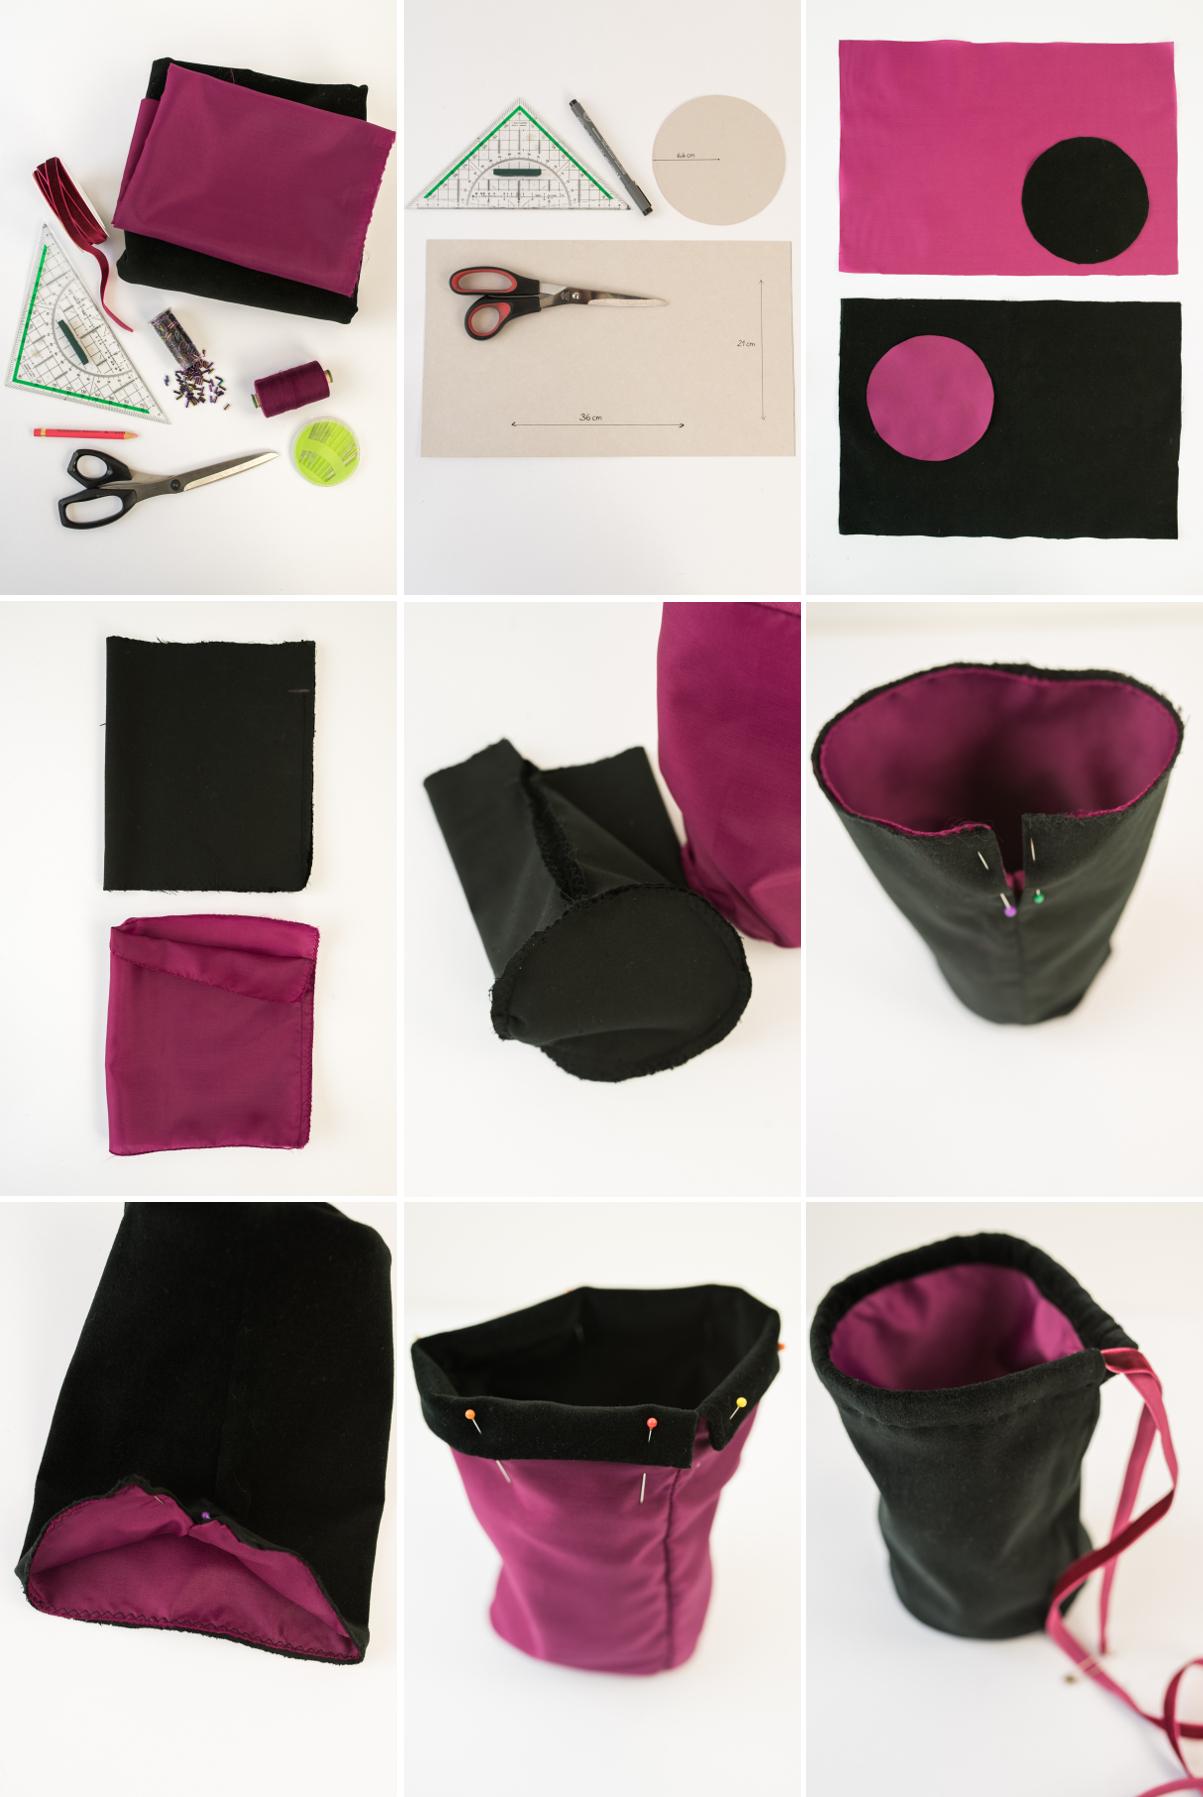 DIY Beutel Tasche aus Samt mit Pailletten als selbst gemachte Geschenk Verpackung für eine liebe Freundin mit Produkten von Weleda befüllt